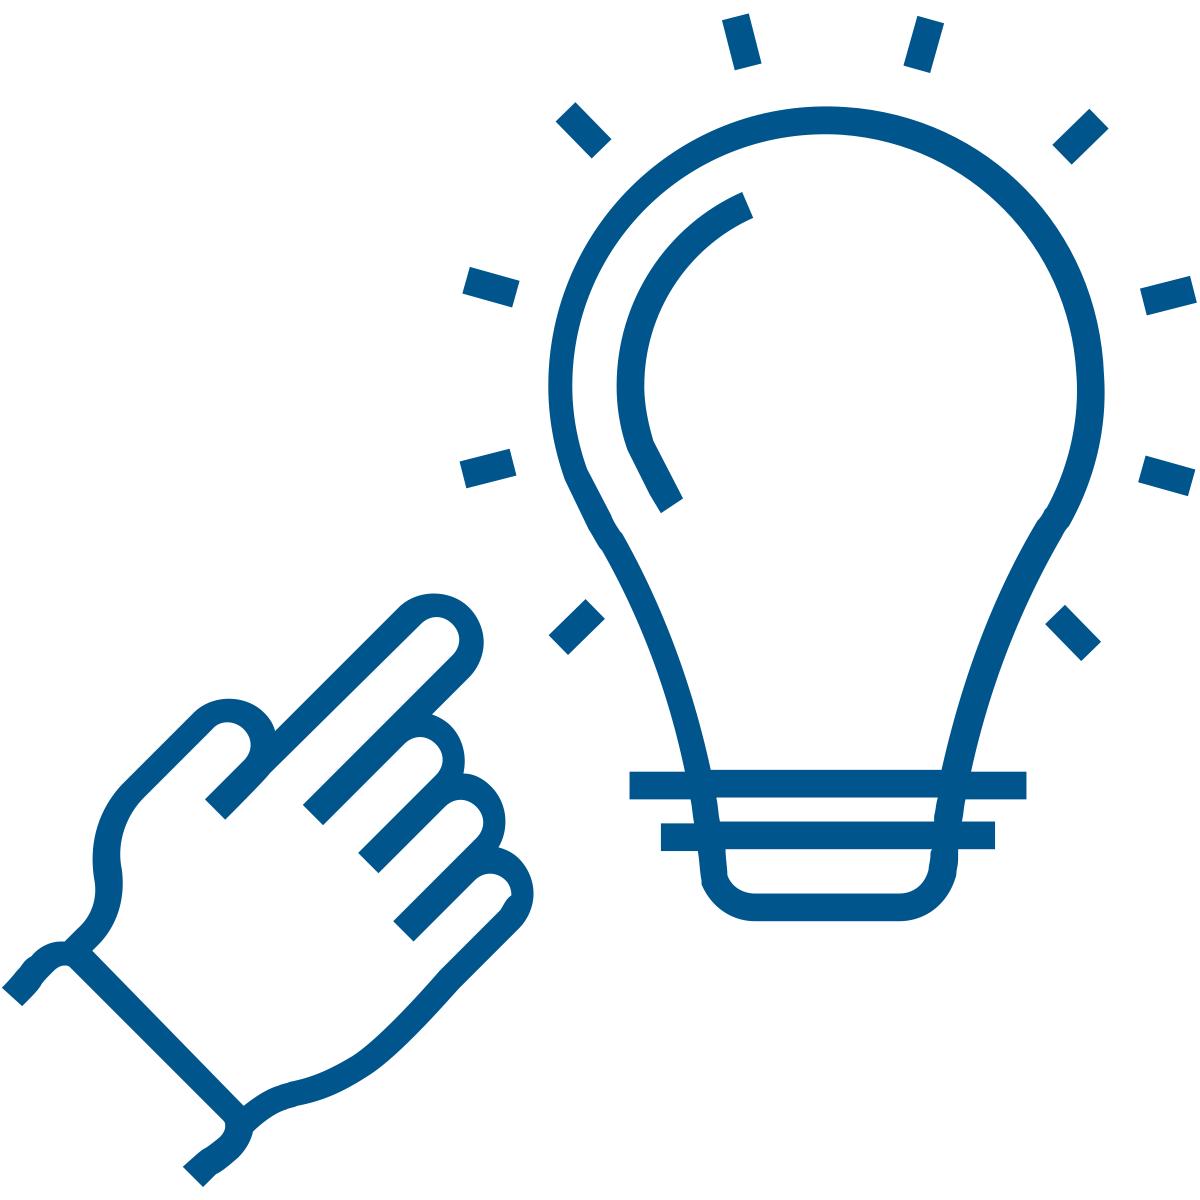 Prismatic Services Inc. blue-lightbulb